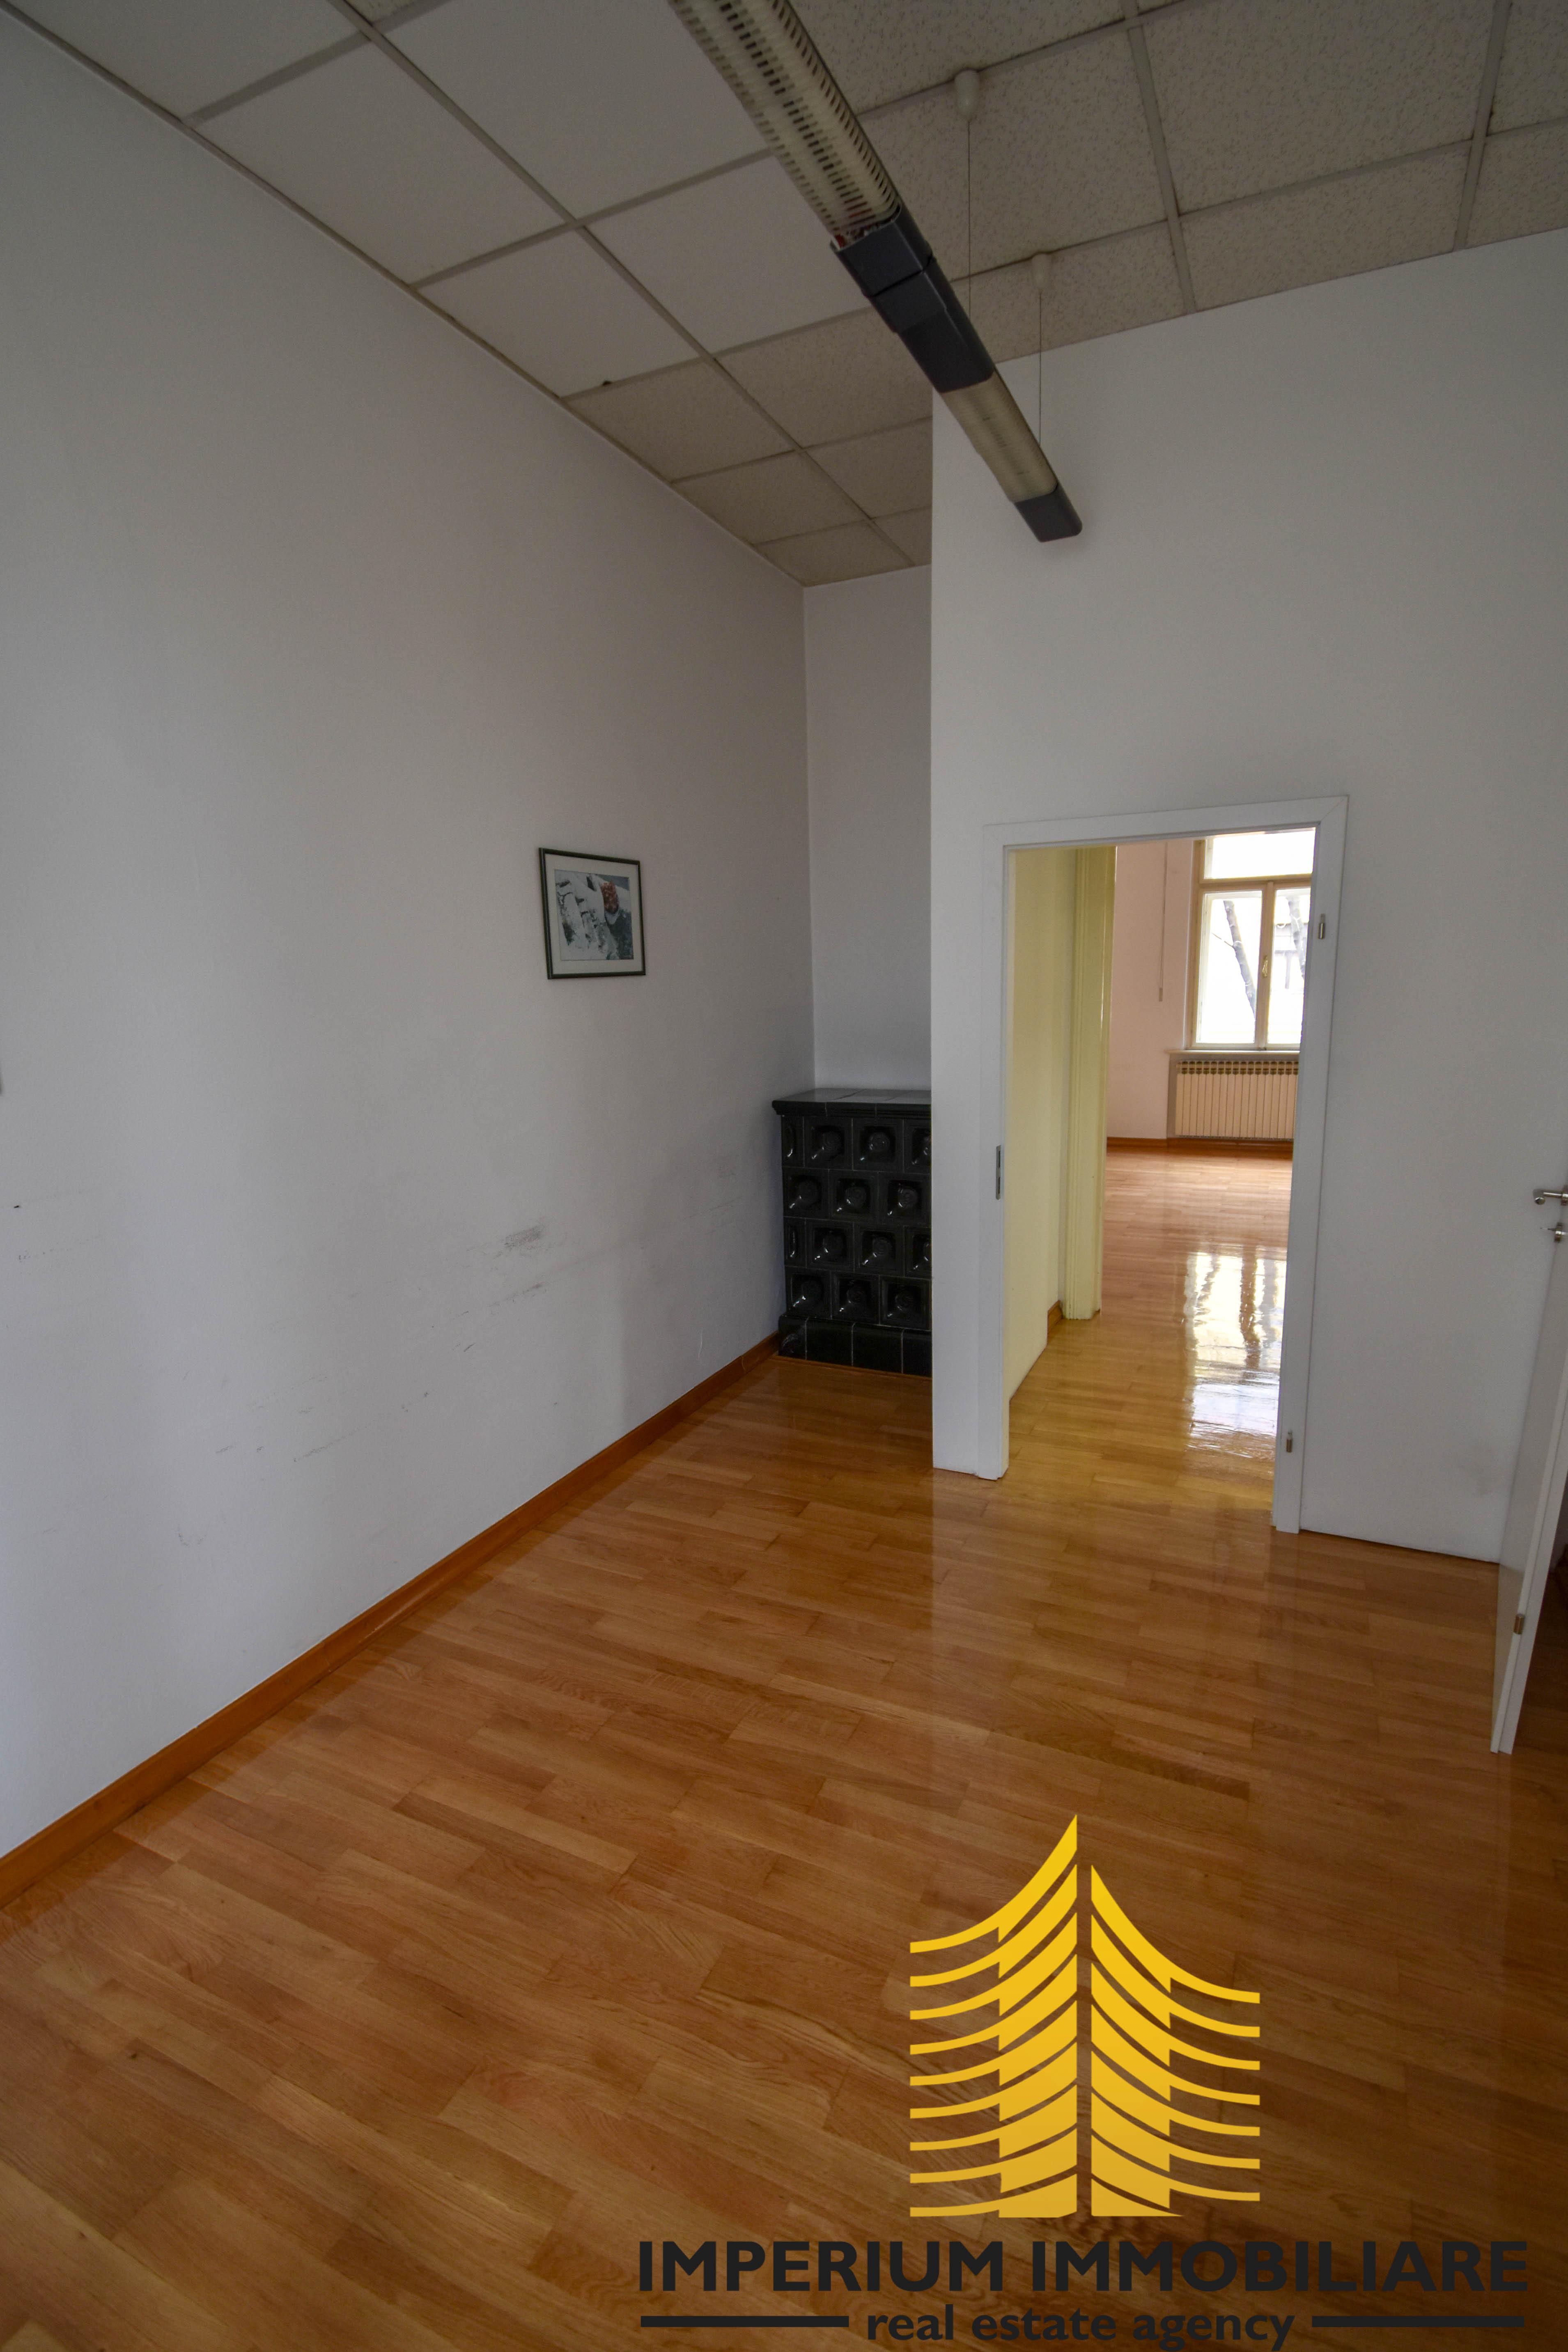 Poslovni prostor: Zagreb (Črnomerec), uredski, 80 m2, ILICA/ČRNOMEREC (iznajmljivanje)